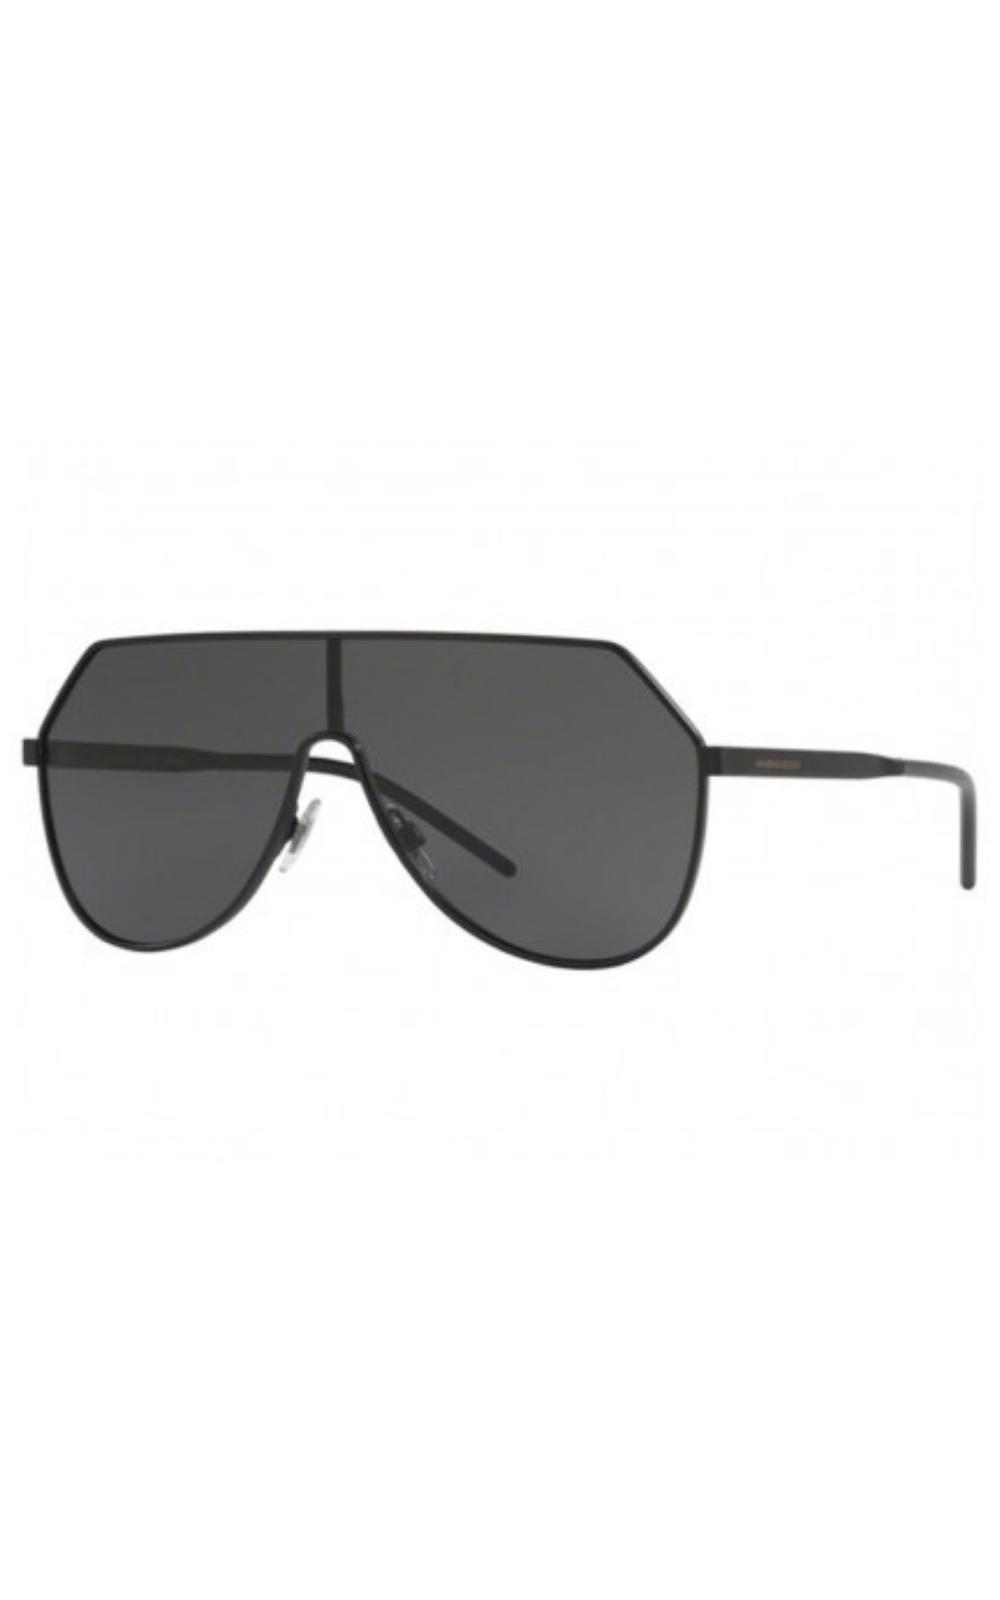 Foto 1 - Óculos de Sol Dolce & Gabbana 2221 1106/87